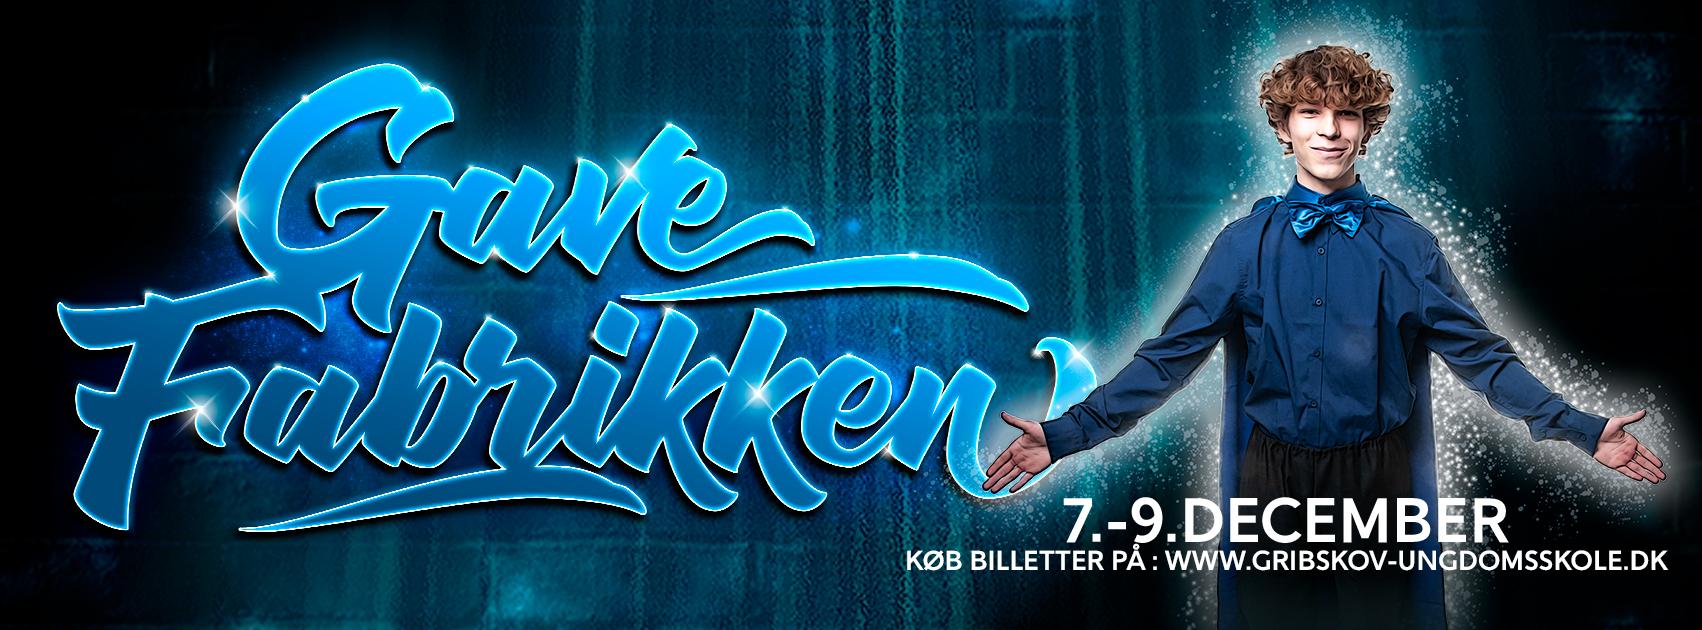 Gavefabrikken - Facebook cover 3